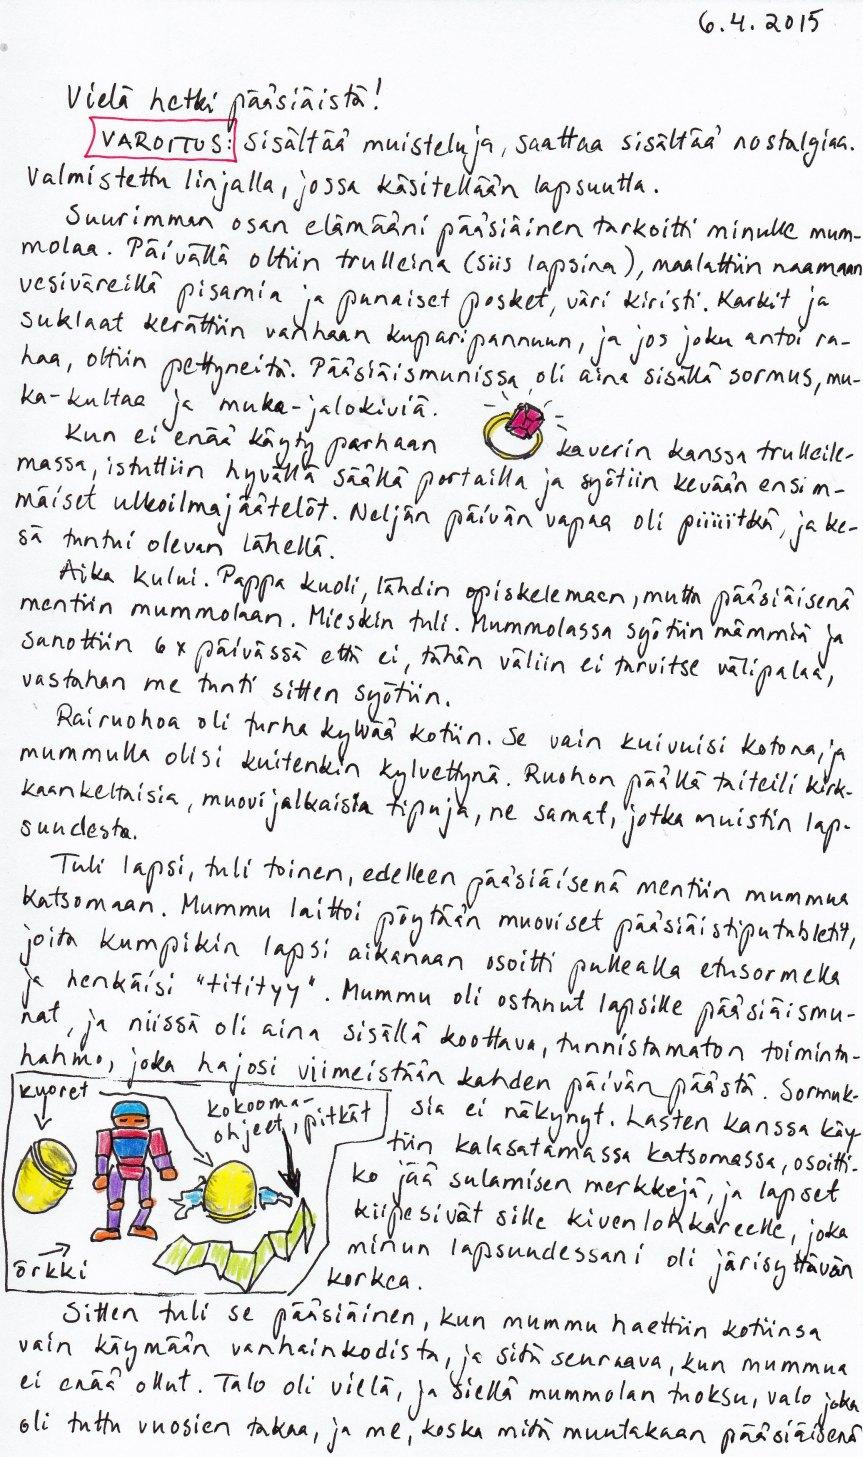 Kirje 4.6.2015 sivu 1, jossa muistellaan Kirjeilijän pääsiäismuistoja mummolassa